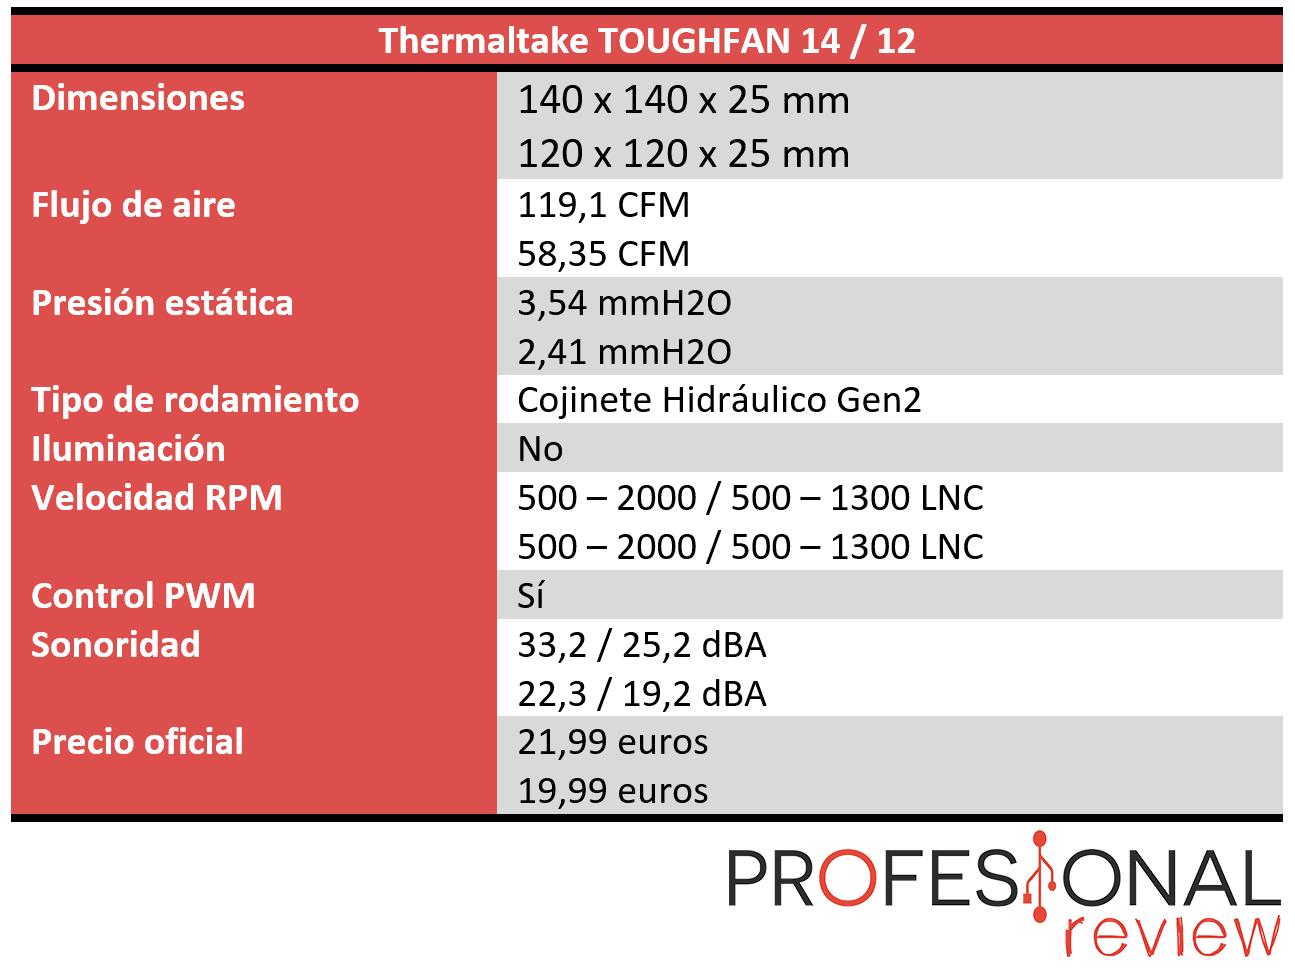 Thermaltake TOUGHFAN 14 Características